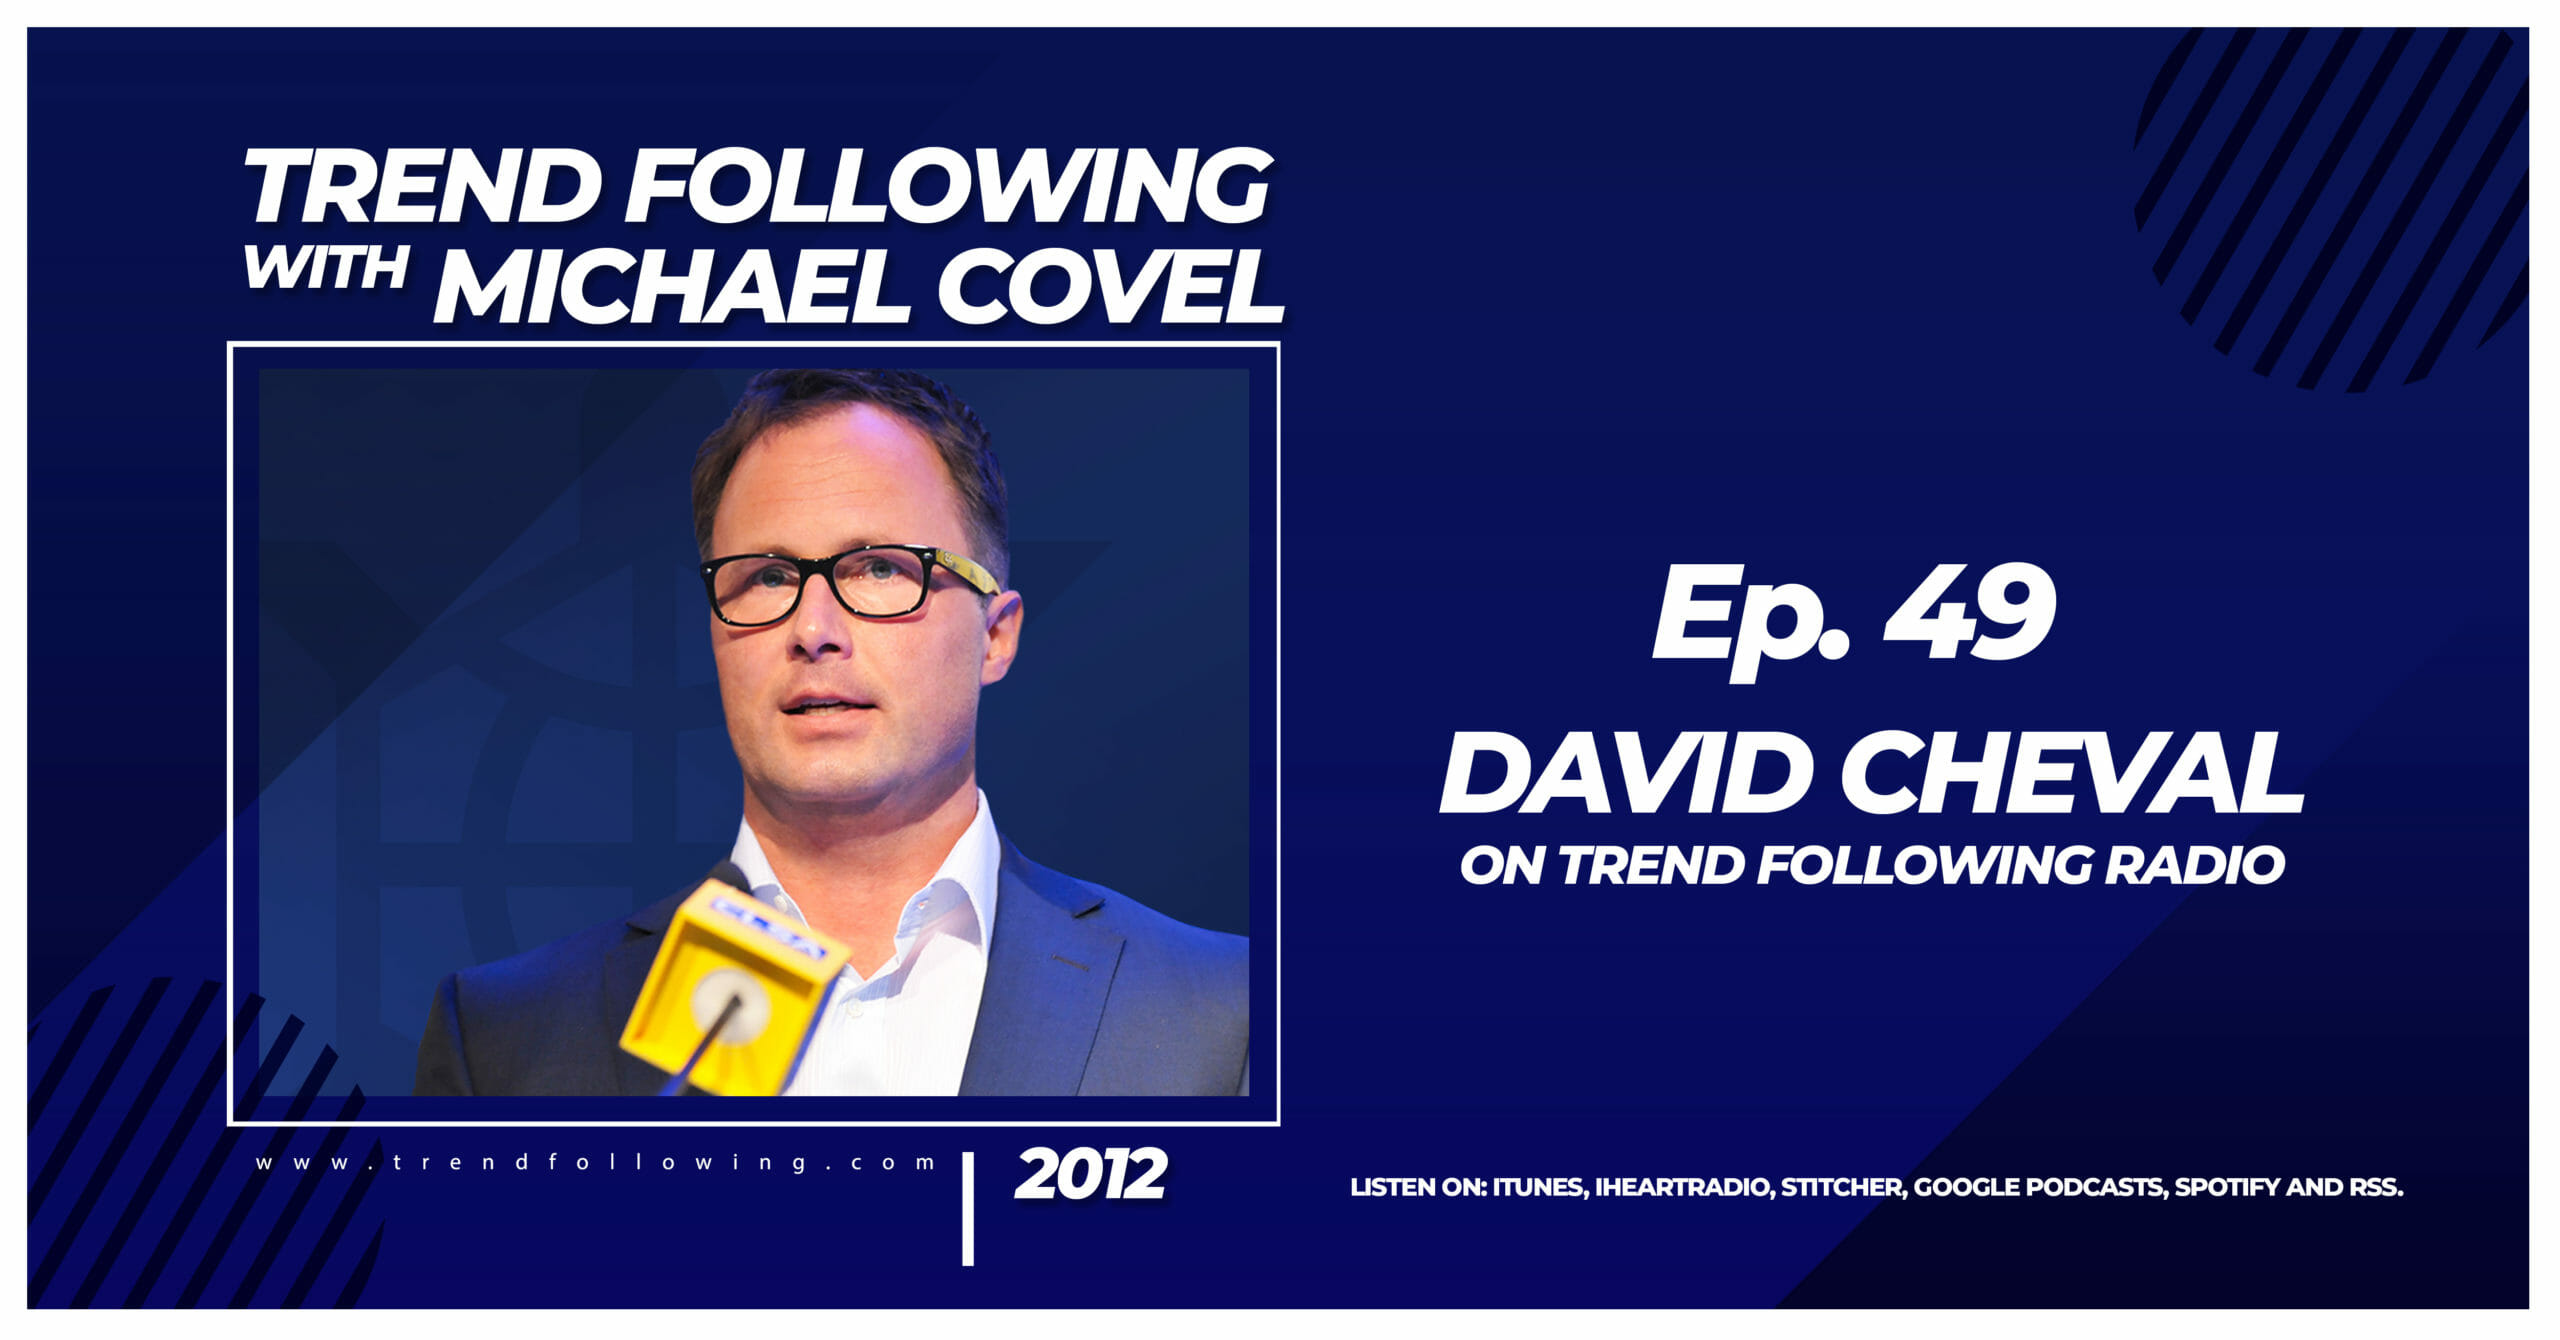 David Cheval